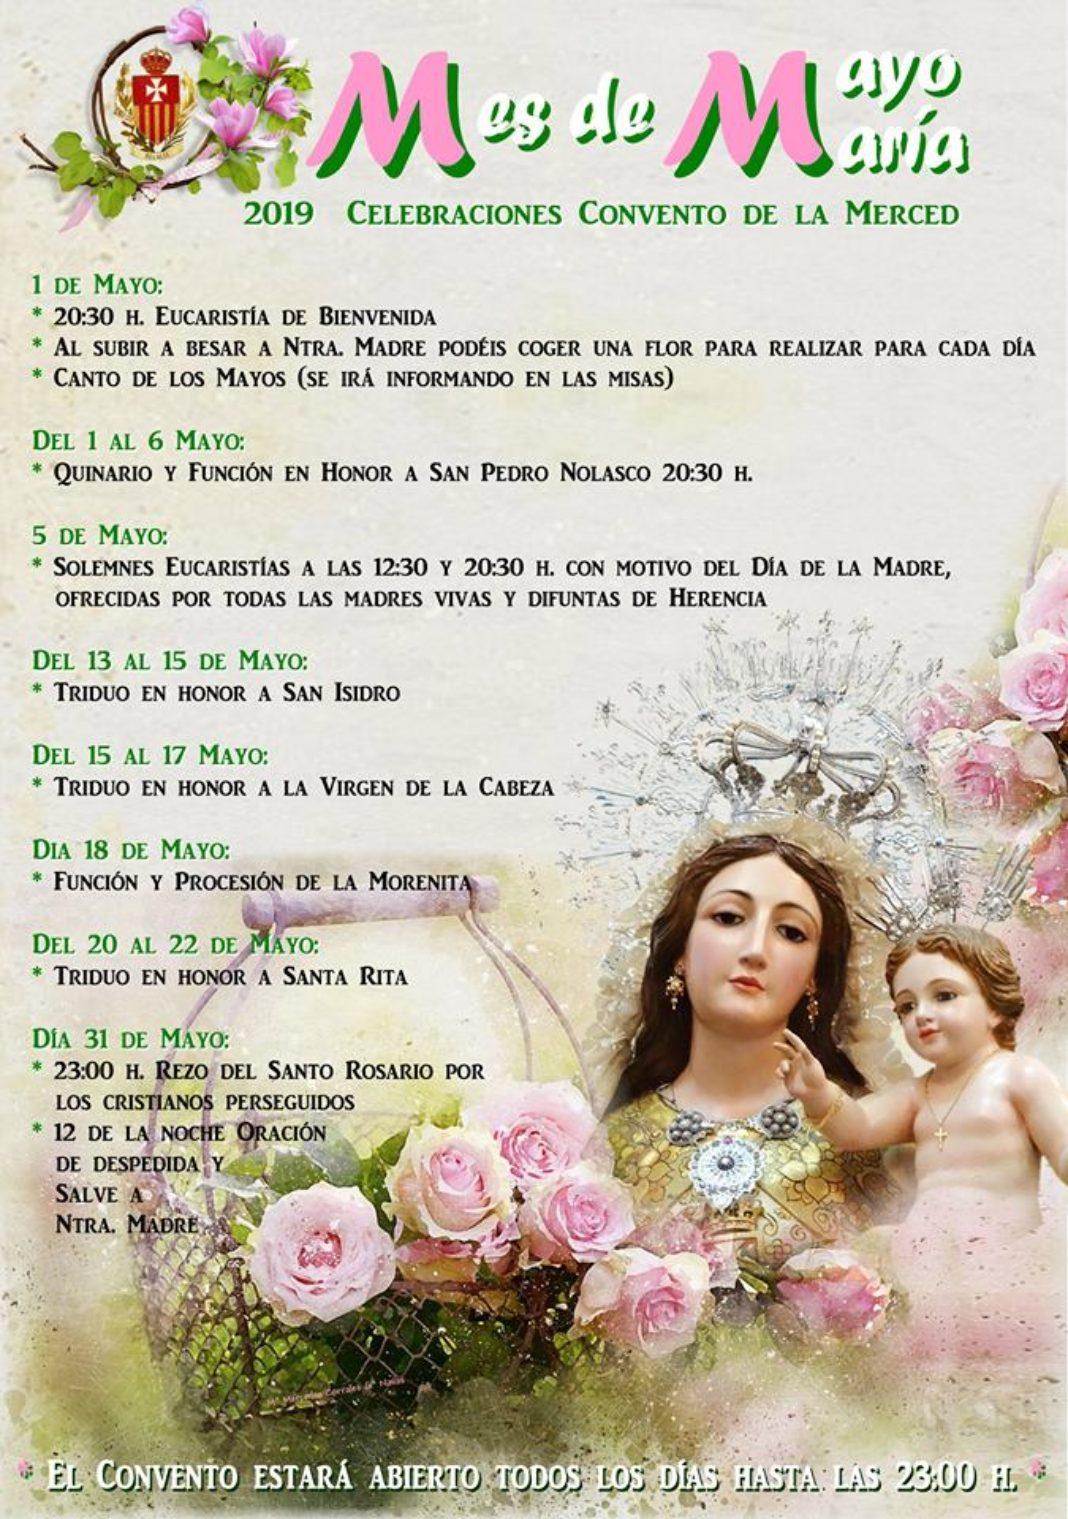 Celebraciones del mes de mayo en el convento de La Merced 4